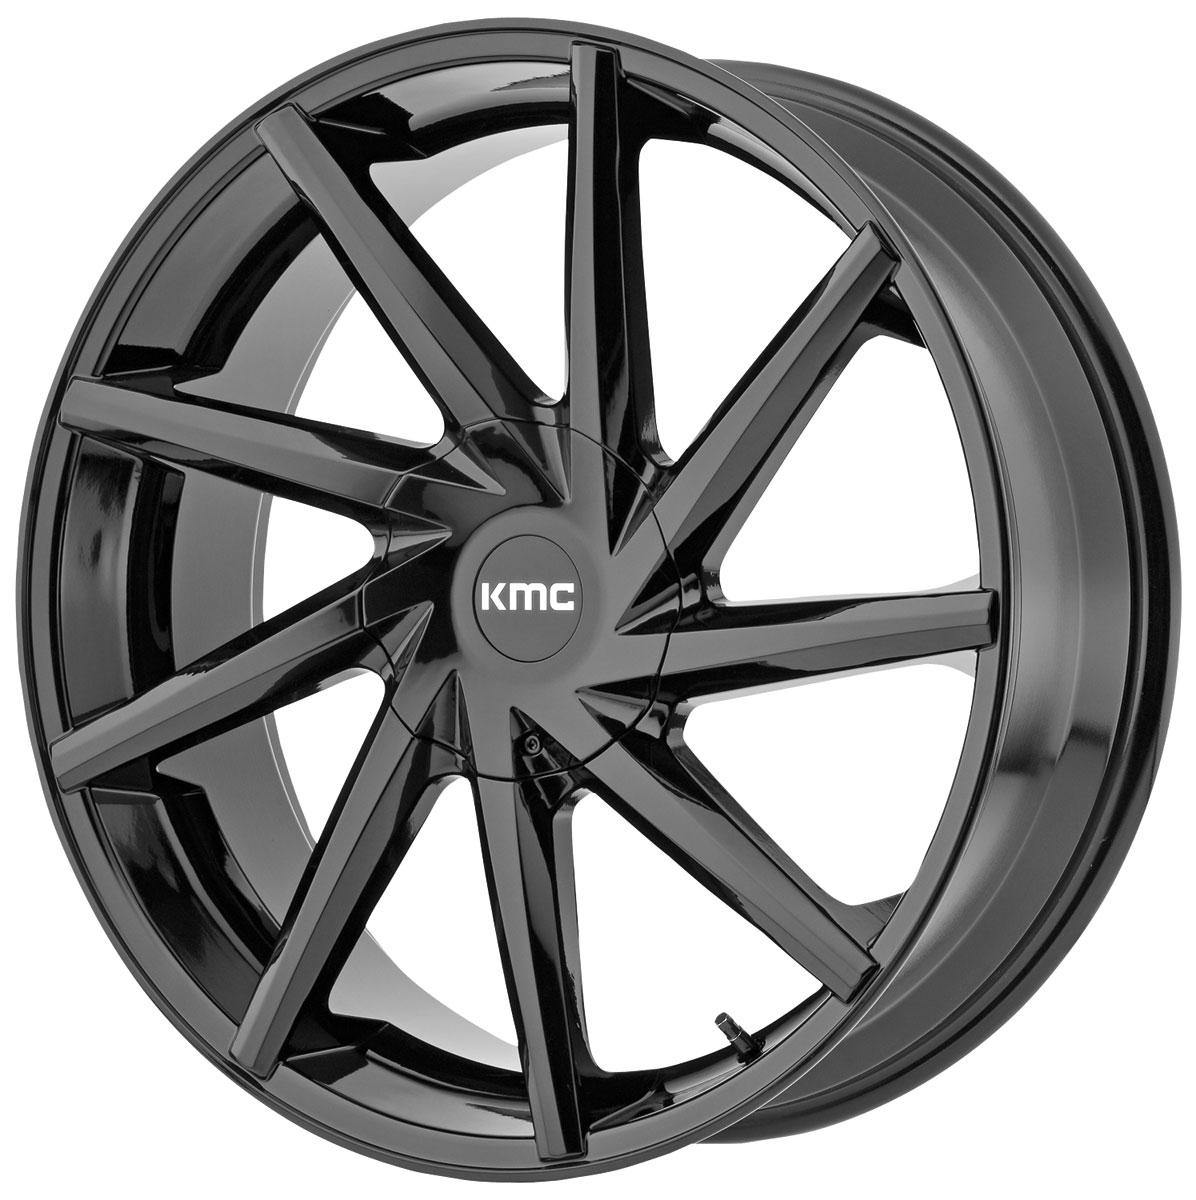 Wheel, KMC, Burst, 1999-2019 Escalade, 22X9